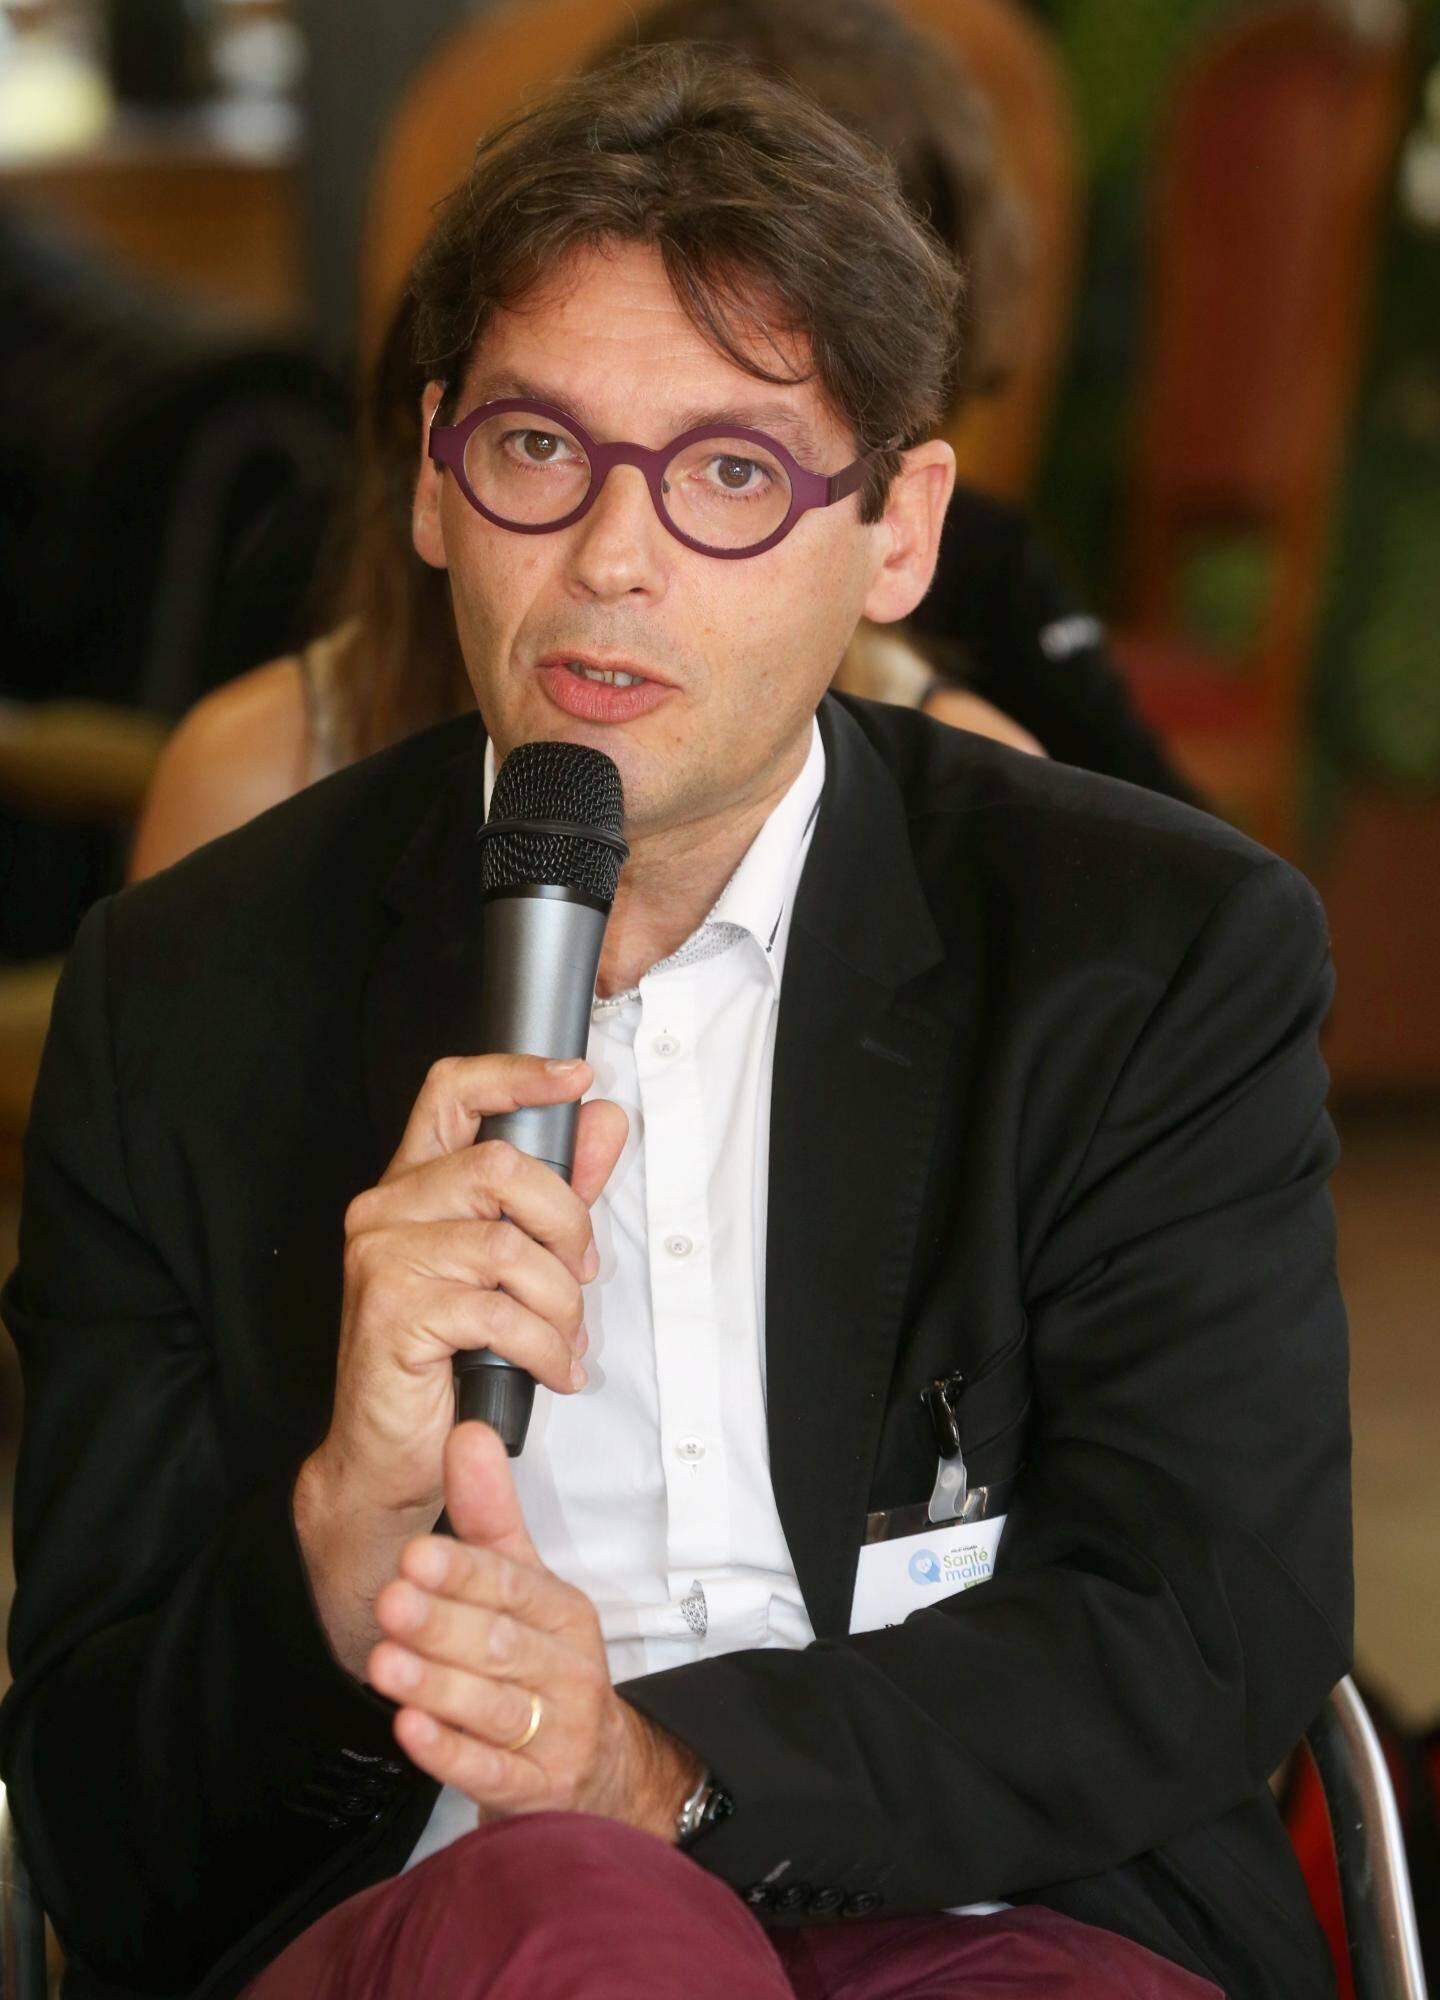 Dr Mher Joulakian (Polyclinique Saint George)